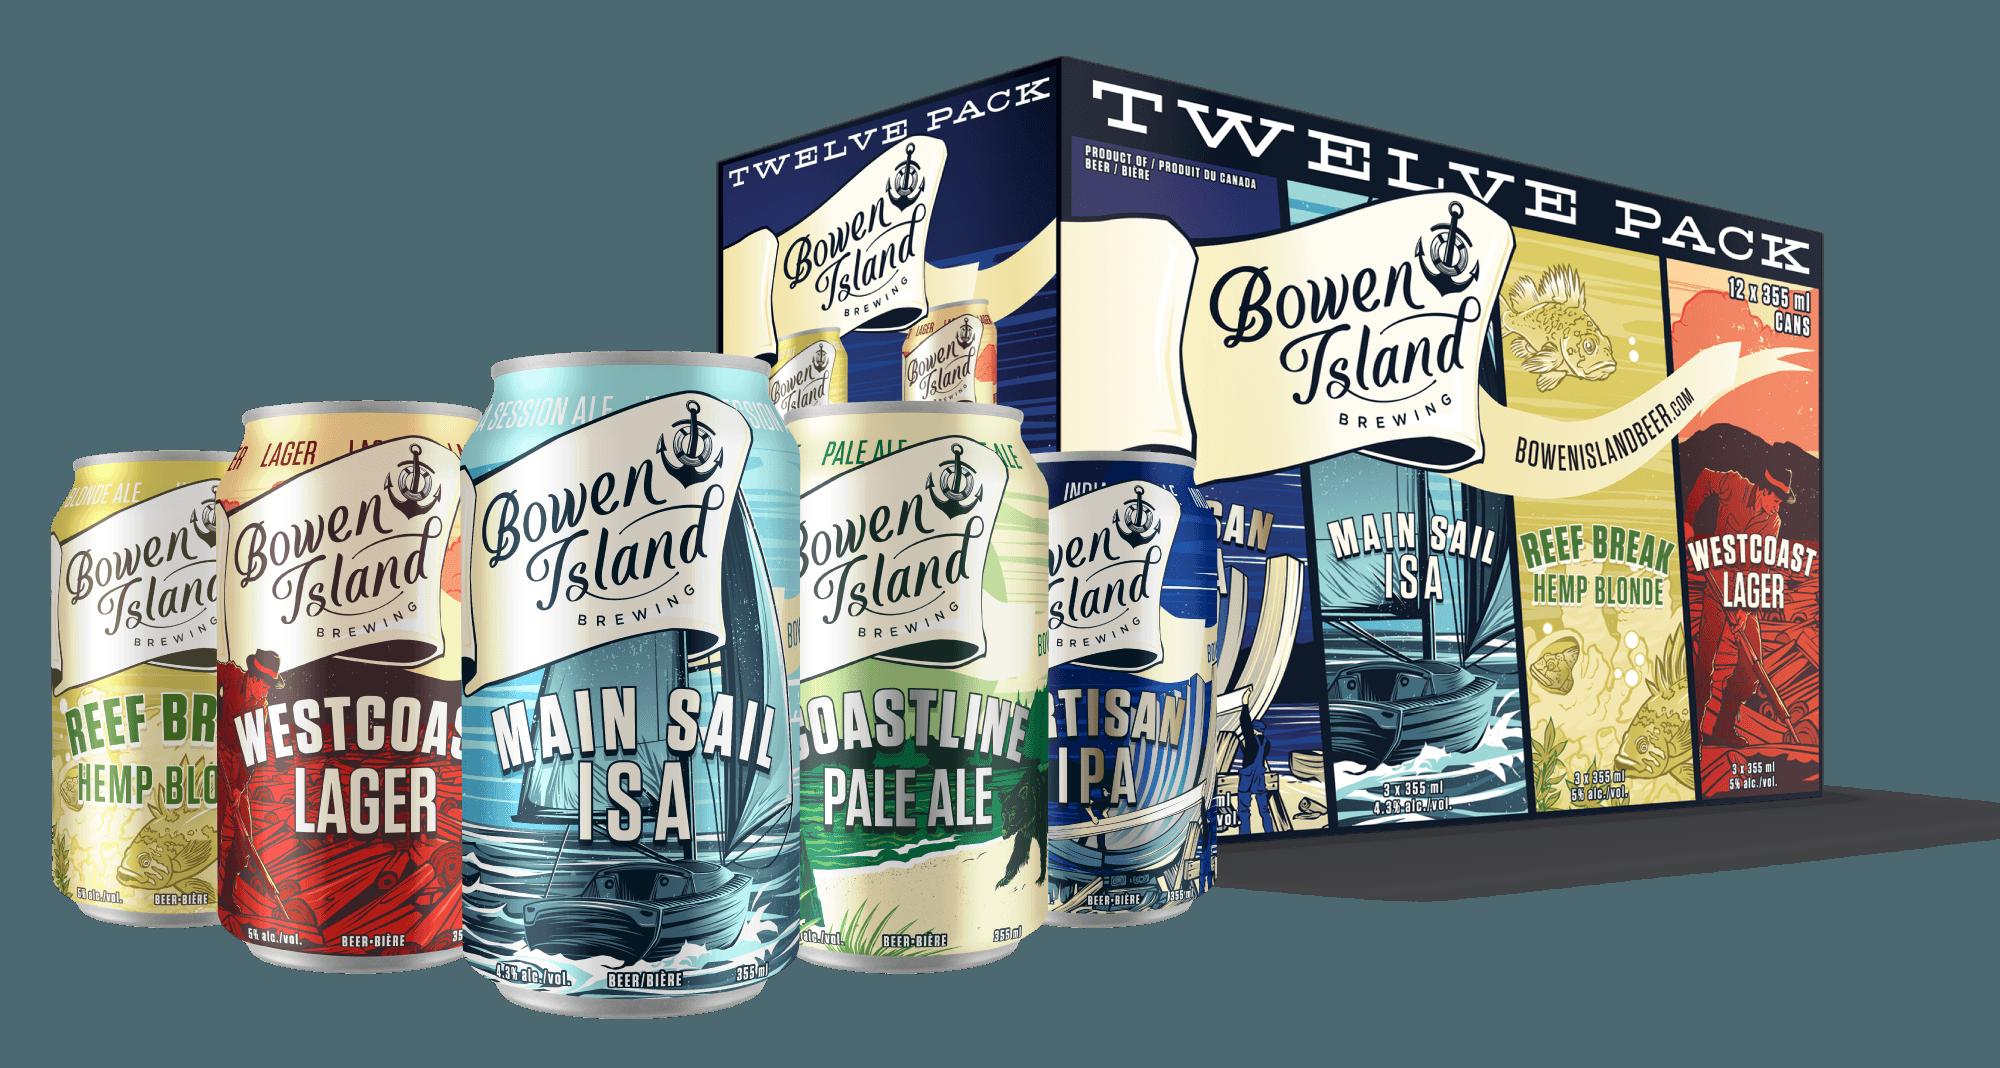 Adventure pack of beer